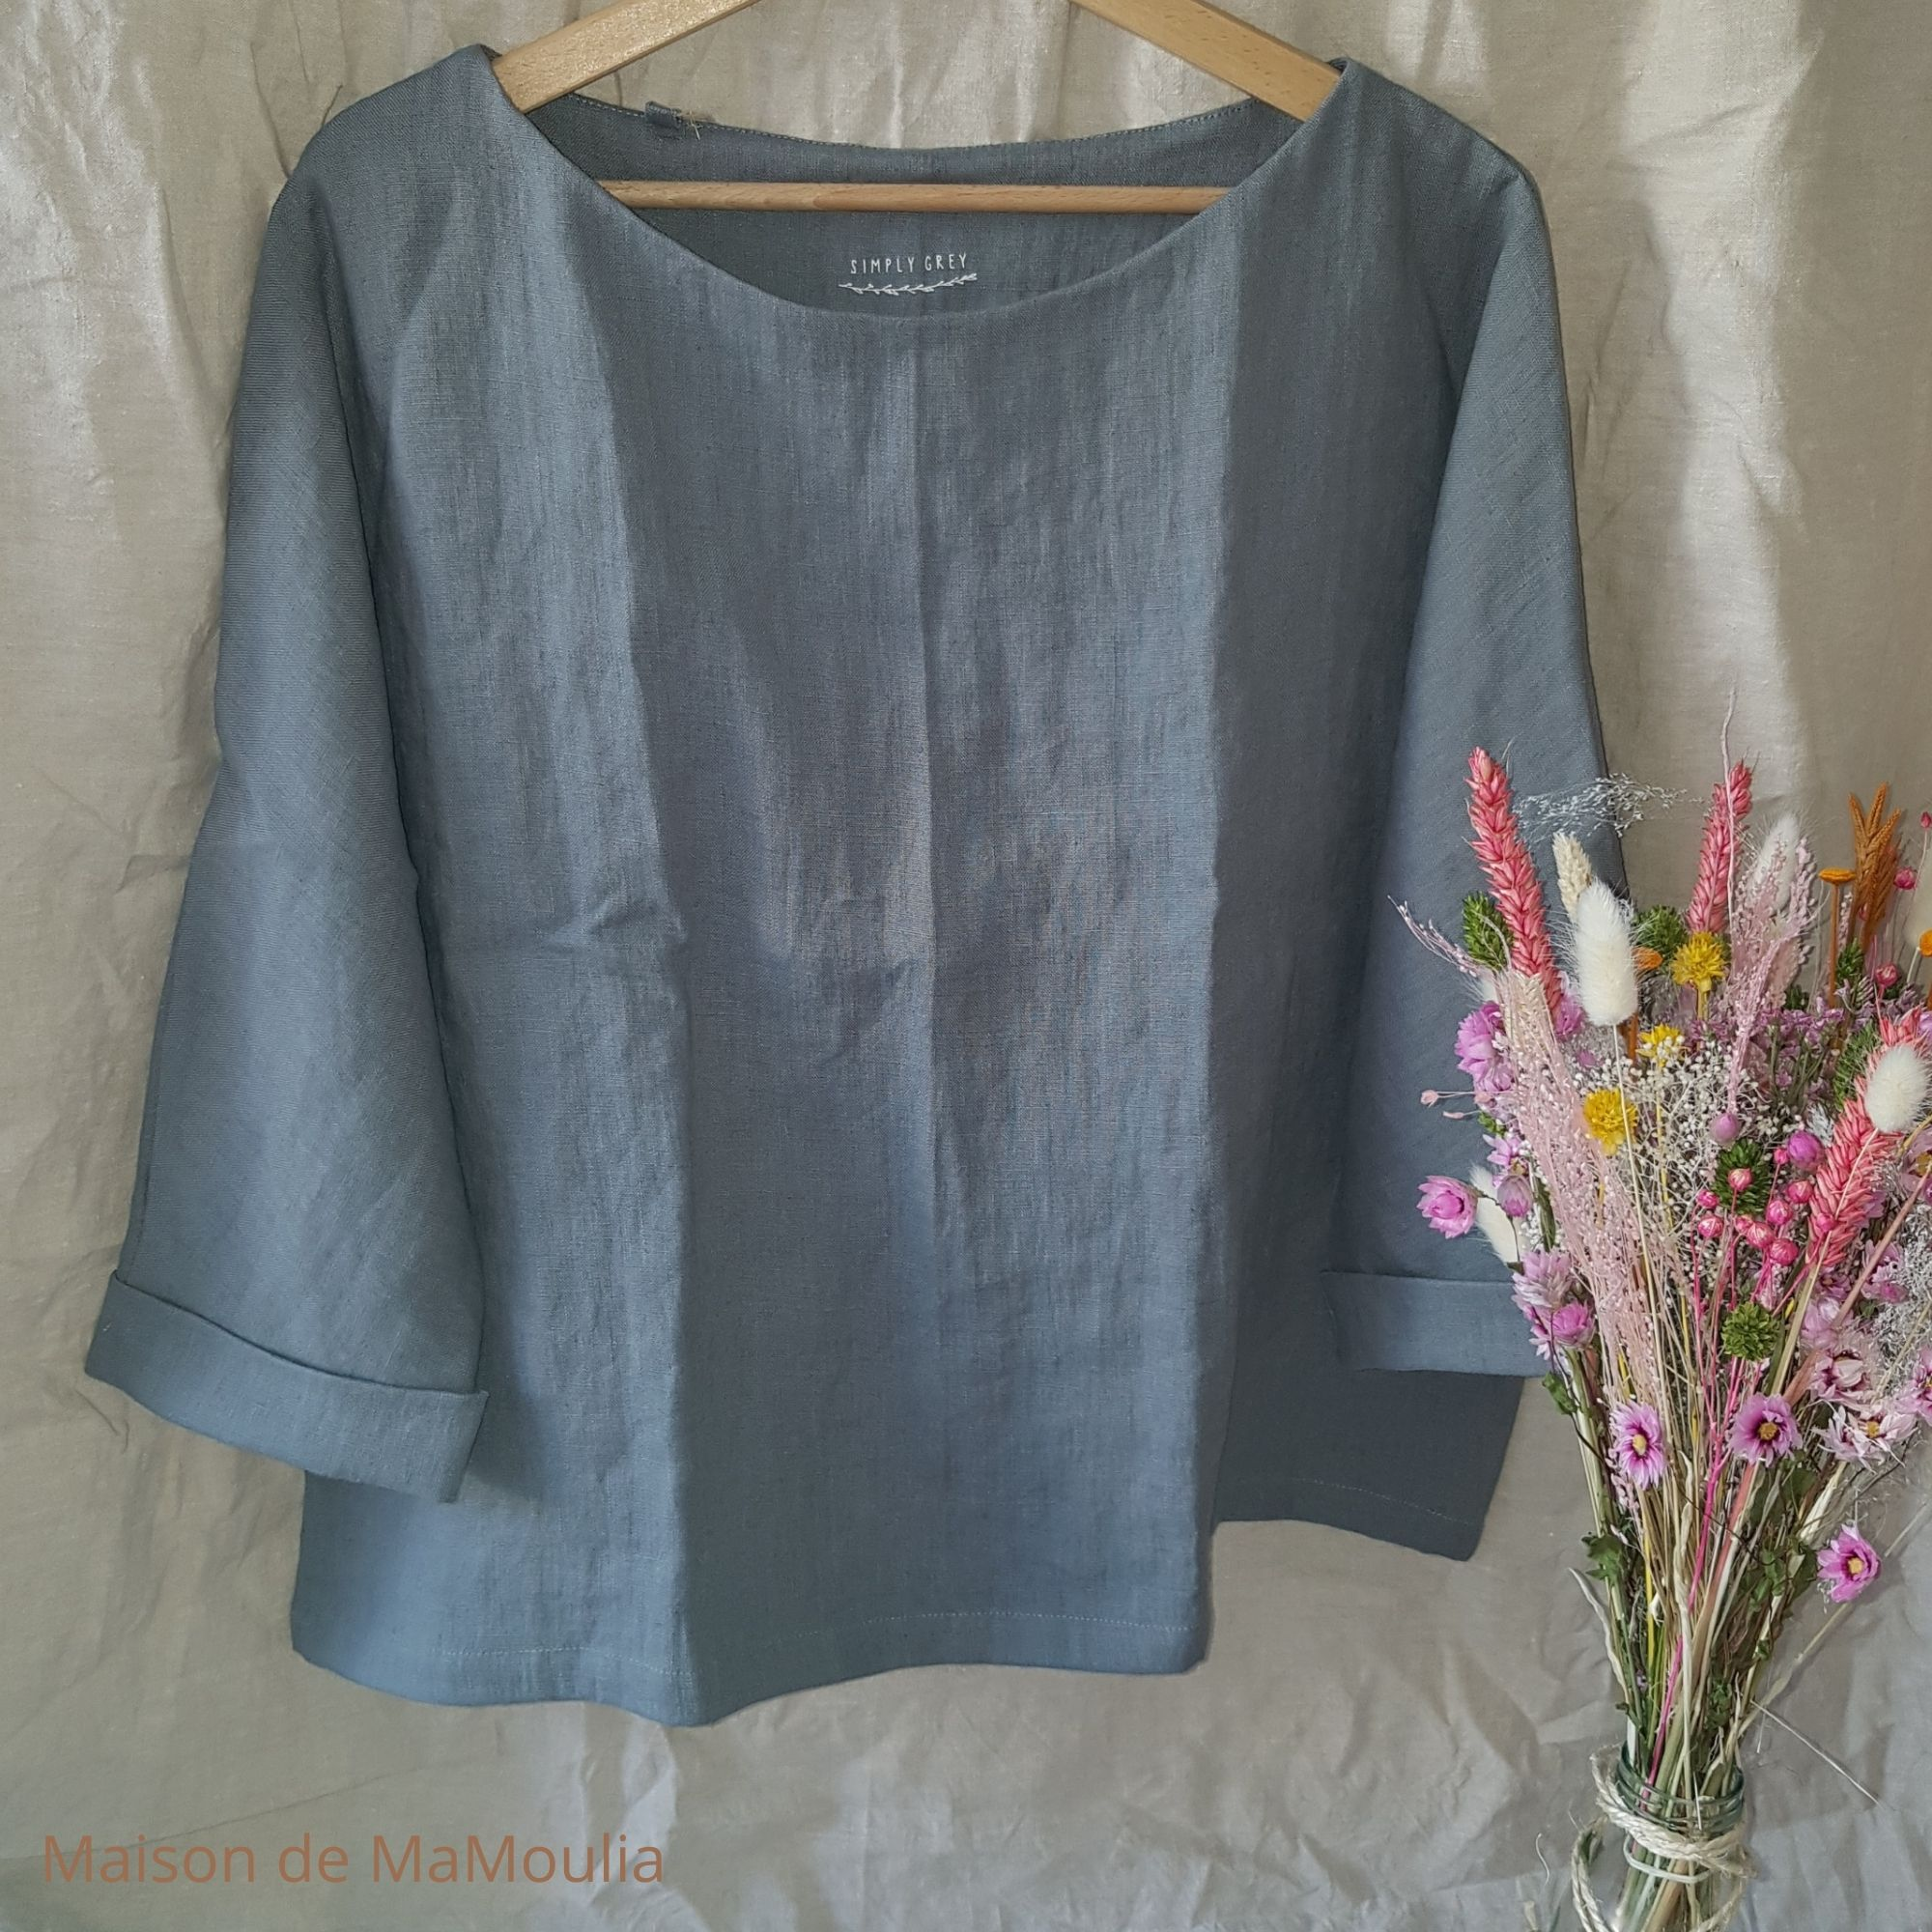 SIMPLY GREY - Blouse oversize - Manches 3/4 - pour femme - 100% lin lavé - Gris